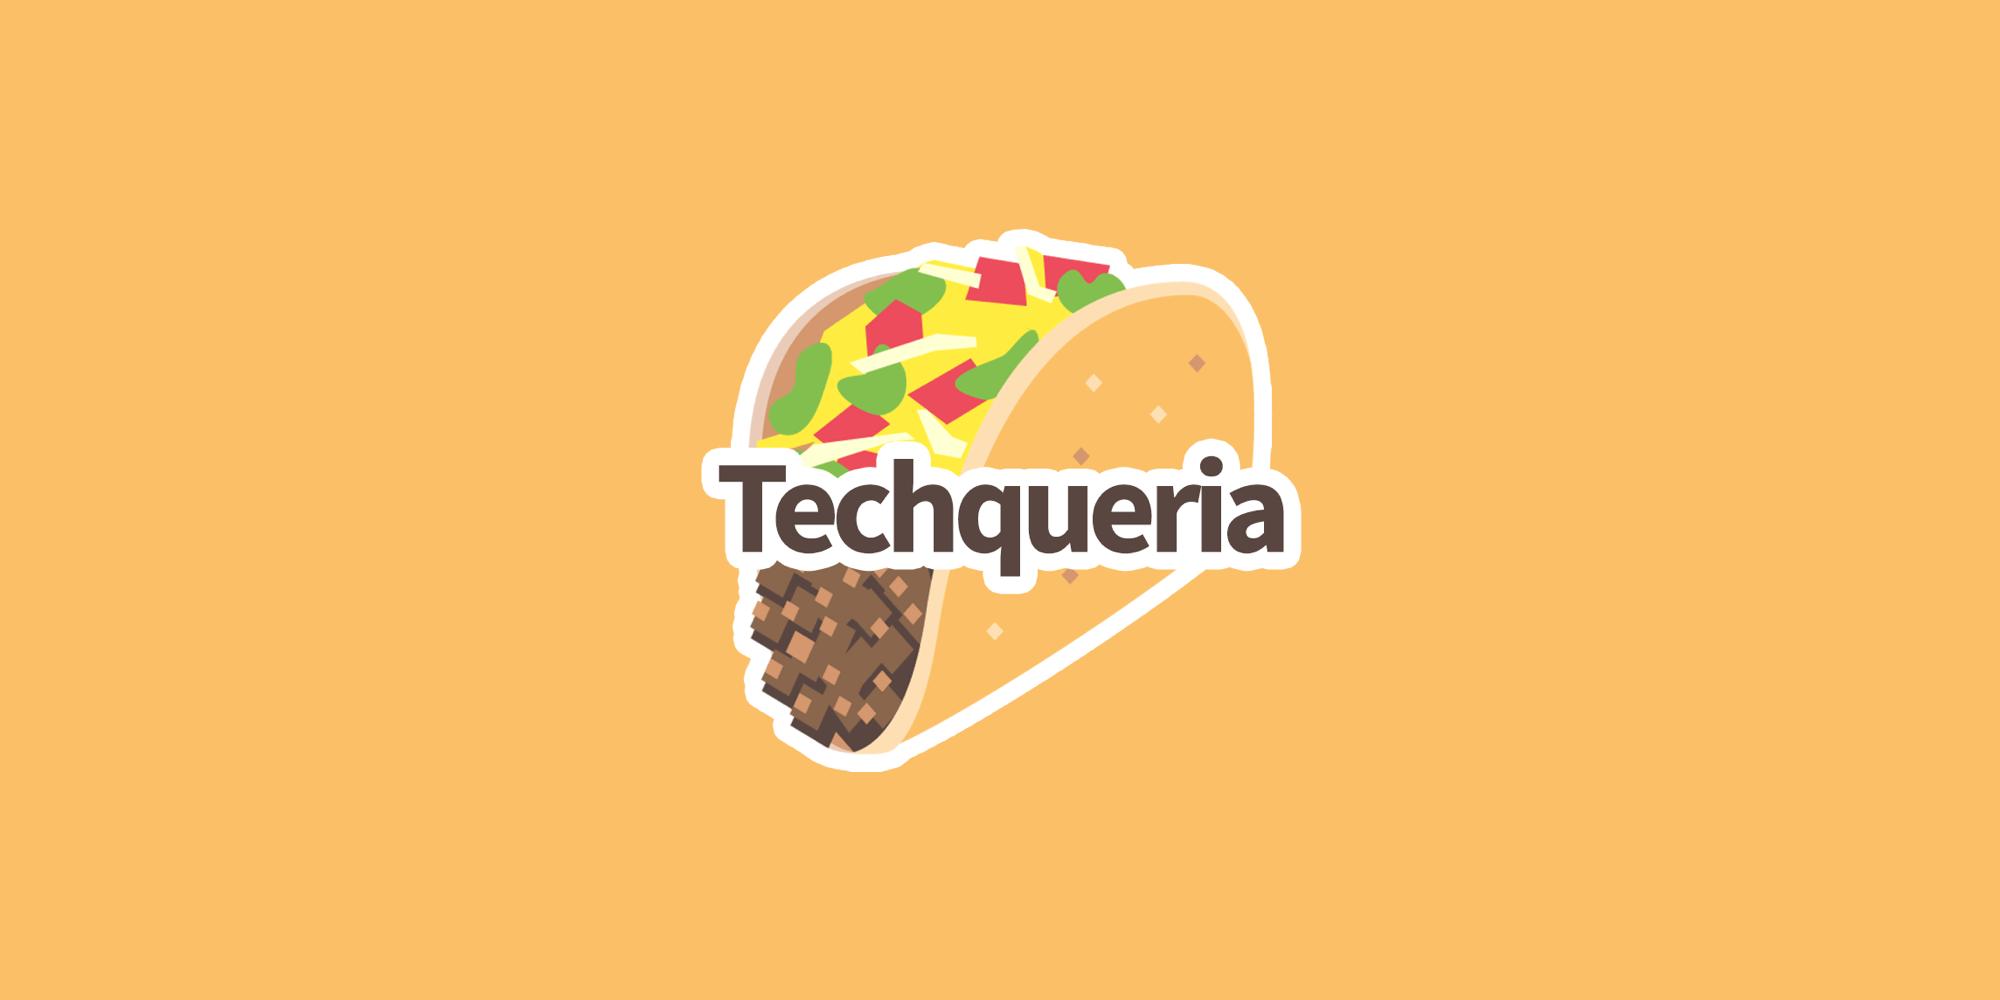 Techqueria - Website